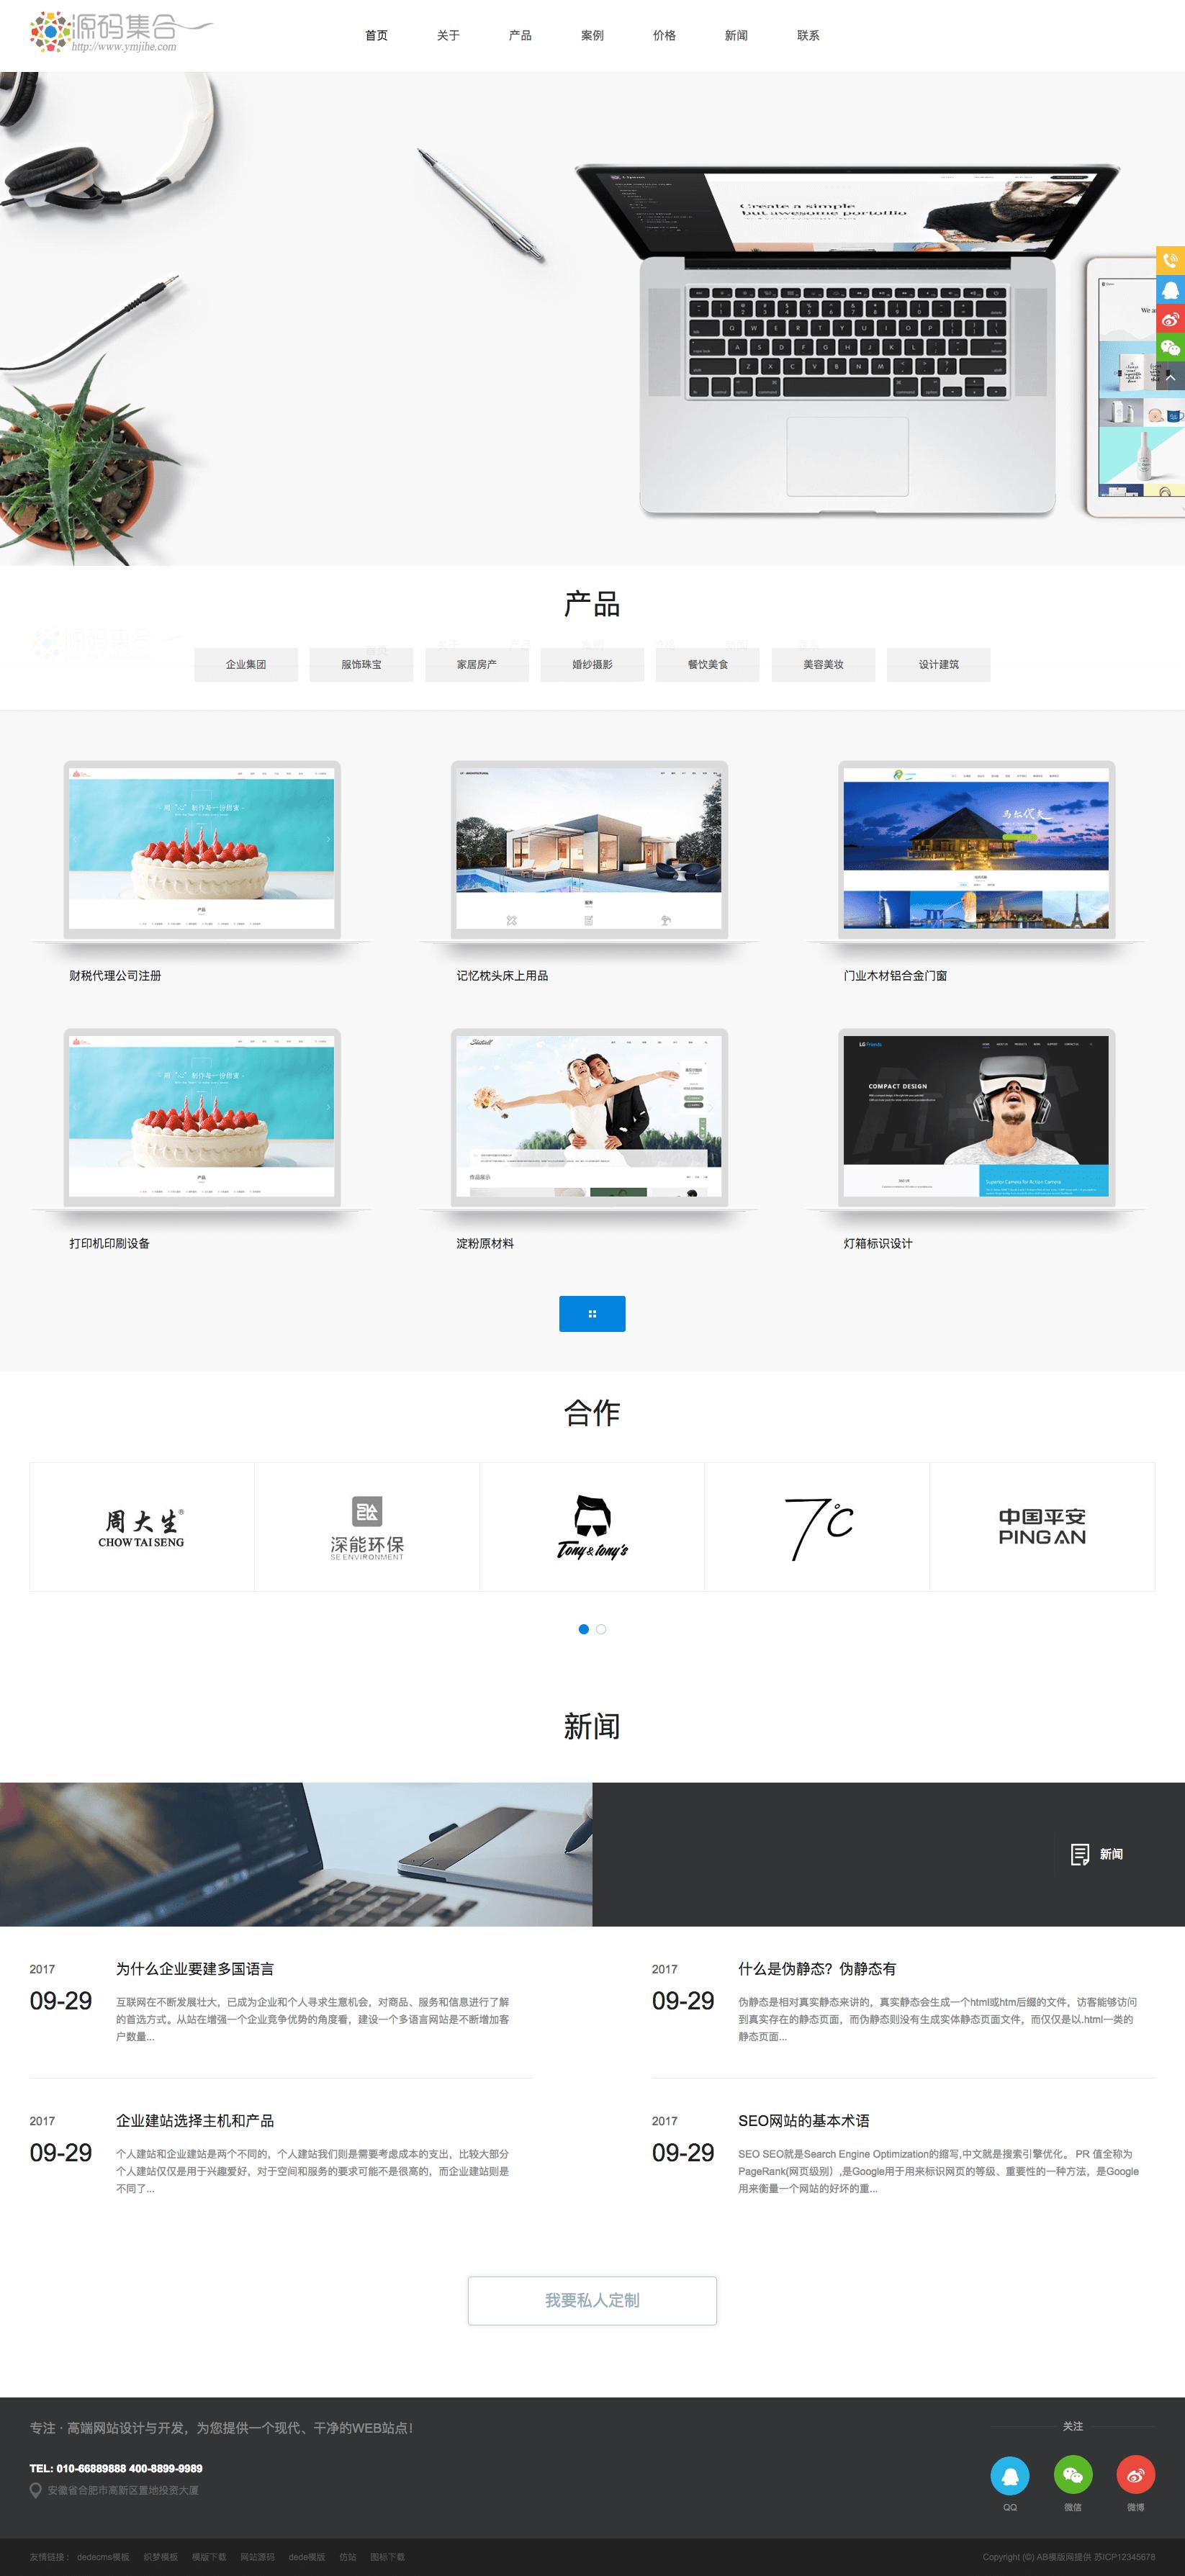 响应式网络建站公司织梦模板 HTML5企业网站工作室网站源码下载